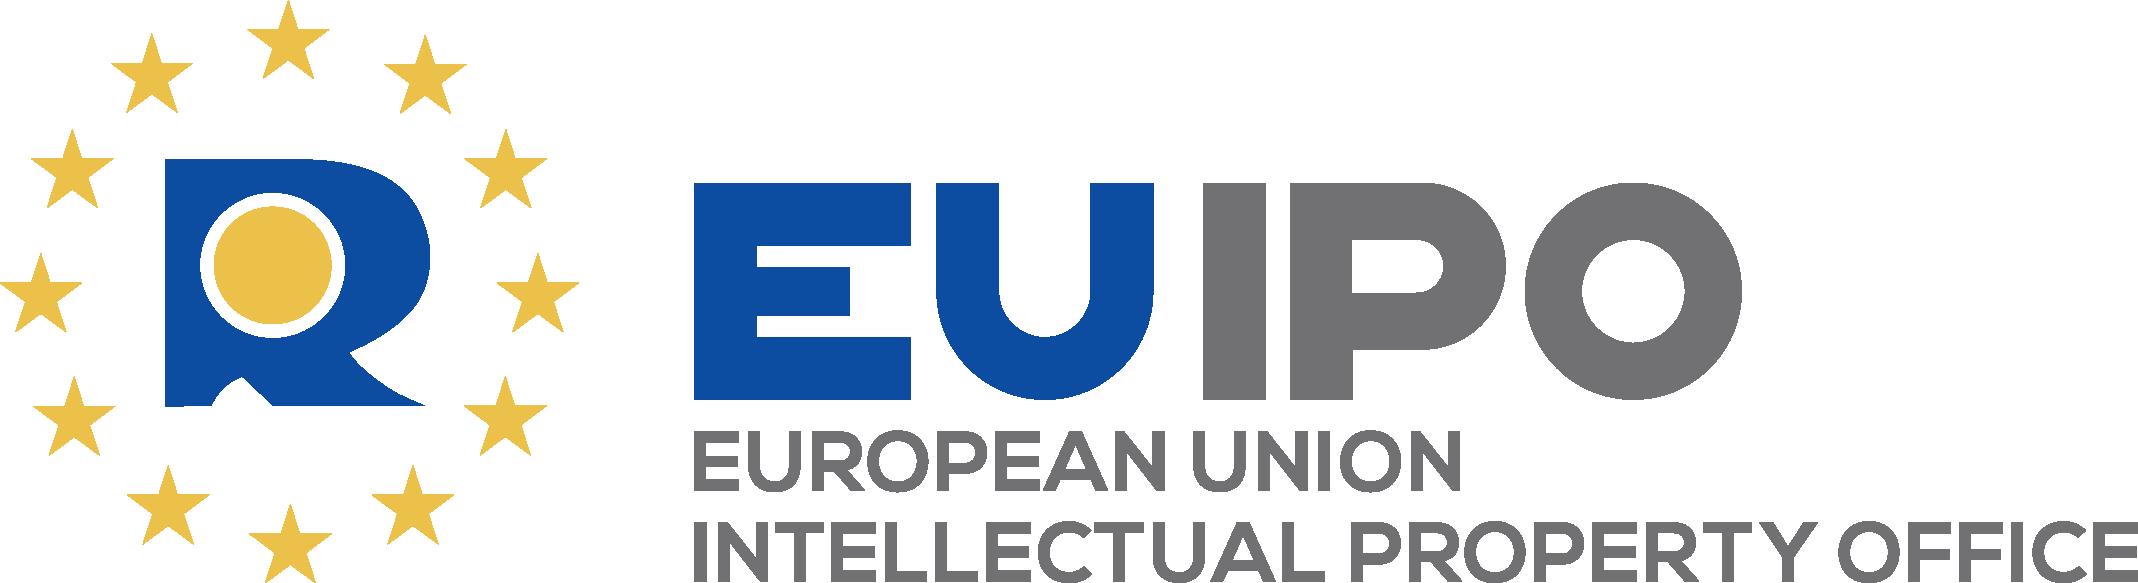 European Union Intellectual Property Office (EUIPO) / Amt der Europäischen Union für geistiges Eigentum, Alicante, Spain/Spanien/Espagne, Avenida de Europa, 4, 03008 Alicante